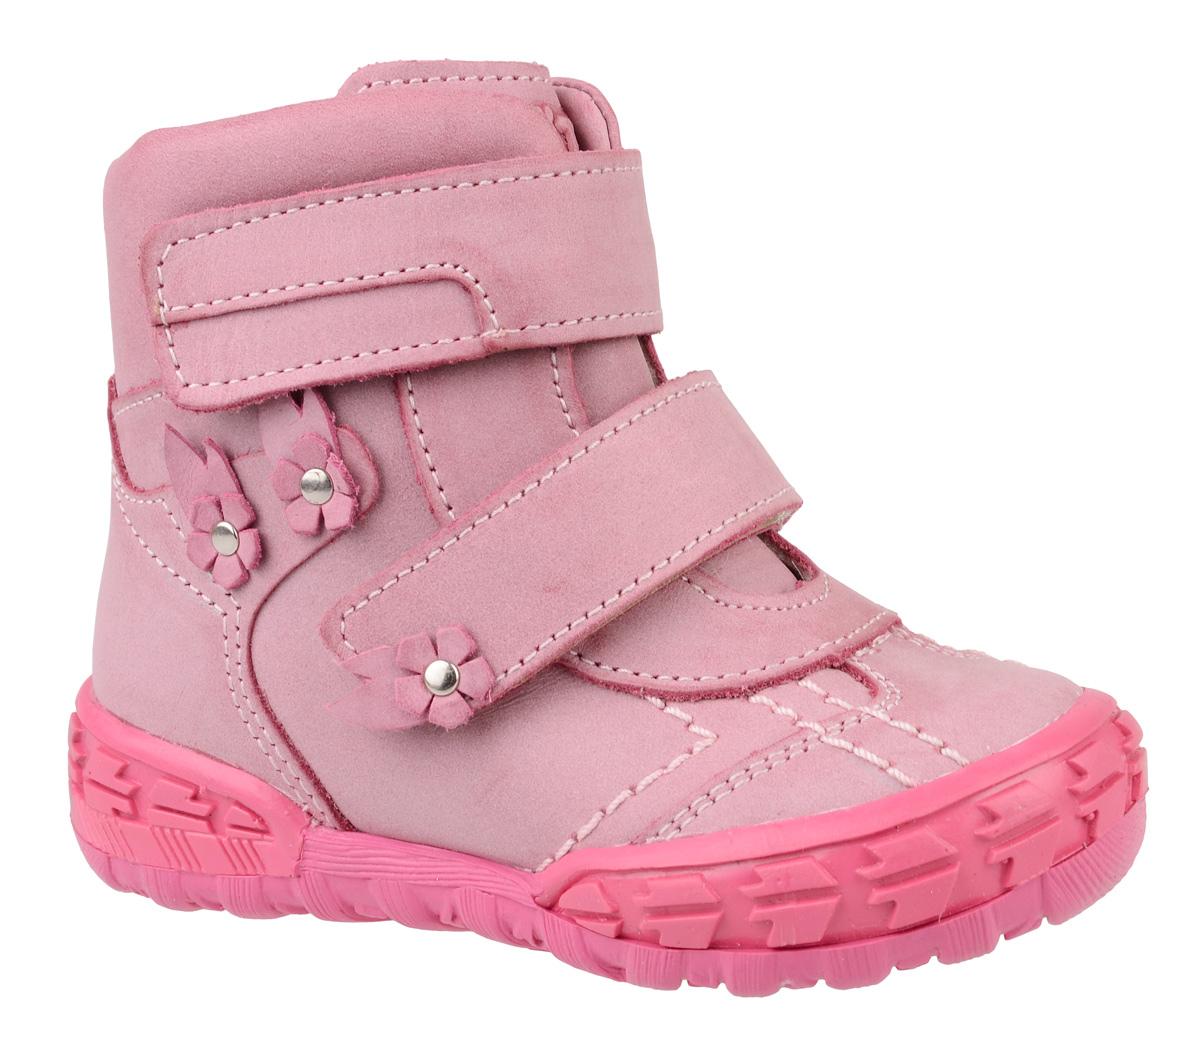 Ботинки для девочки Тотто, цвет: розовый. 238-Д-БП. Размер 23238-Д-БПБотинки для девочки Тотто - это ортопедическая обувь, которая помогает правильному формированию стопы ребенка. Такая обувь необходима в детском возрасте для коррекции стоп при плоскостопии и вальгусной деформации, а также для профилактики этих состояний. Она обеспечивает правильное распределение нагрузки на передний отдел стопы и пятку, за счет чего малыш лучше удерживает равновесие и чувствует себя более уверенно. Обувь Тотто идеально подходит для детей, которые только начали ходить.Верх ботинок выполнен из натуральной замшевой кожи. Подошва изготовлена из легкого, гибкого и прочного термопластичного материала, она смягчает удары от соприкосновения обуви с поверхностью, защищая детскую ножку от травм. Протектор подошвы обеспечивает надежное сцепление с землей или асфальтом. Внутренняя поверхность и стелька отделаны байкой. Ботинки застегиваются с помощью ремешков на липучки, благодаря которым можно регулировать объем обуви. Модель декорирована аппликацией в виде цветов сбоку изделия. Весь модельный ряд Тотто характеризует: плотный захват голеностопа, мягкие нейтрализующие швы, жесткий задник продлен до середины стопы, стельки со сводоподдерживающим эффектом, натуральная кожа.